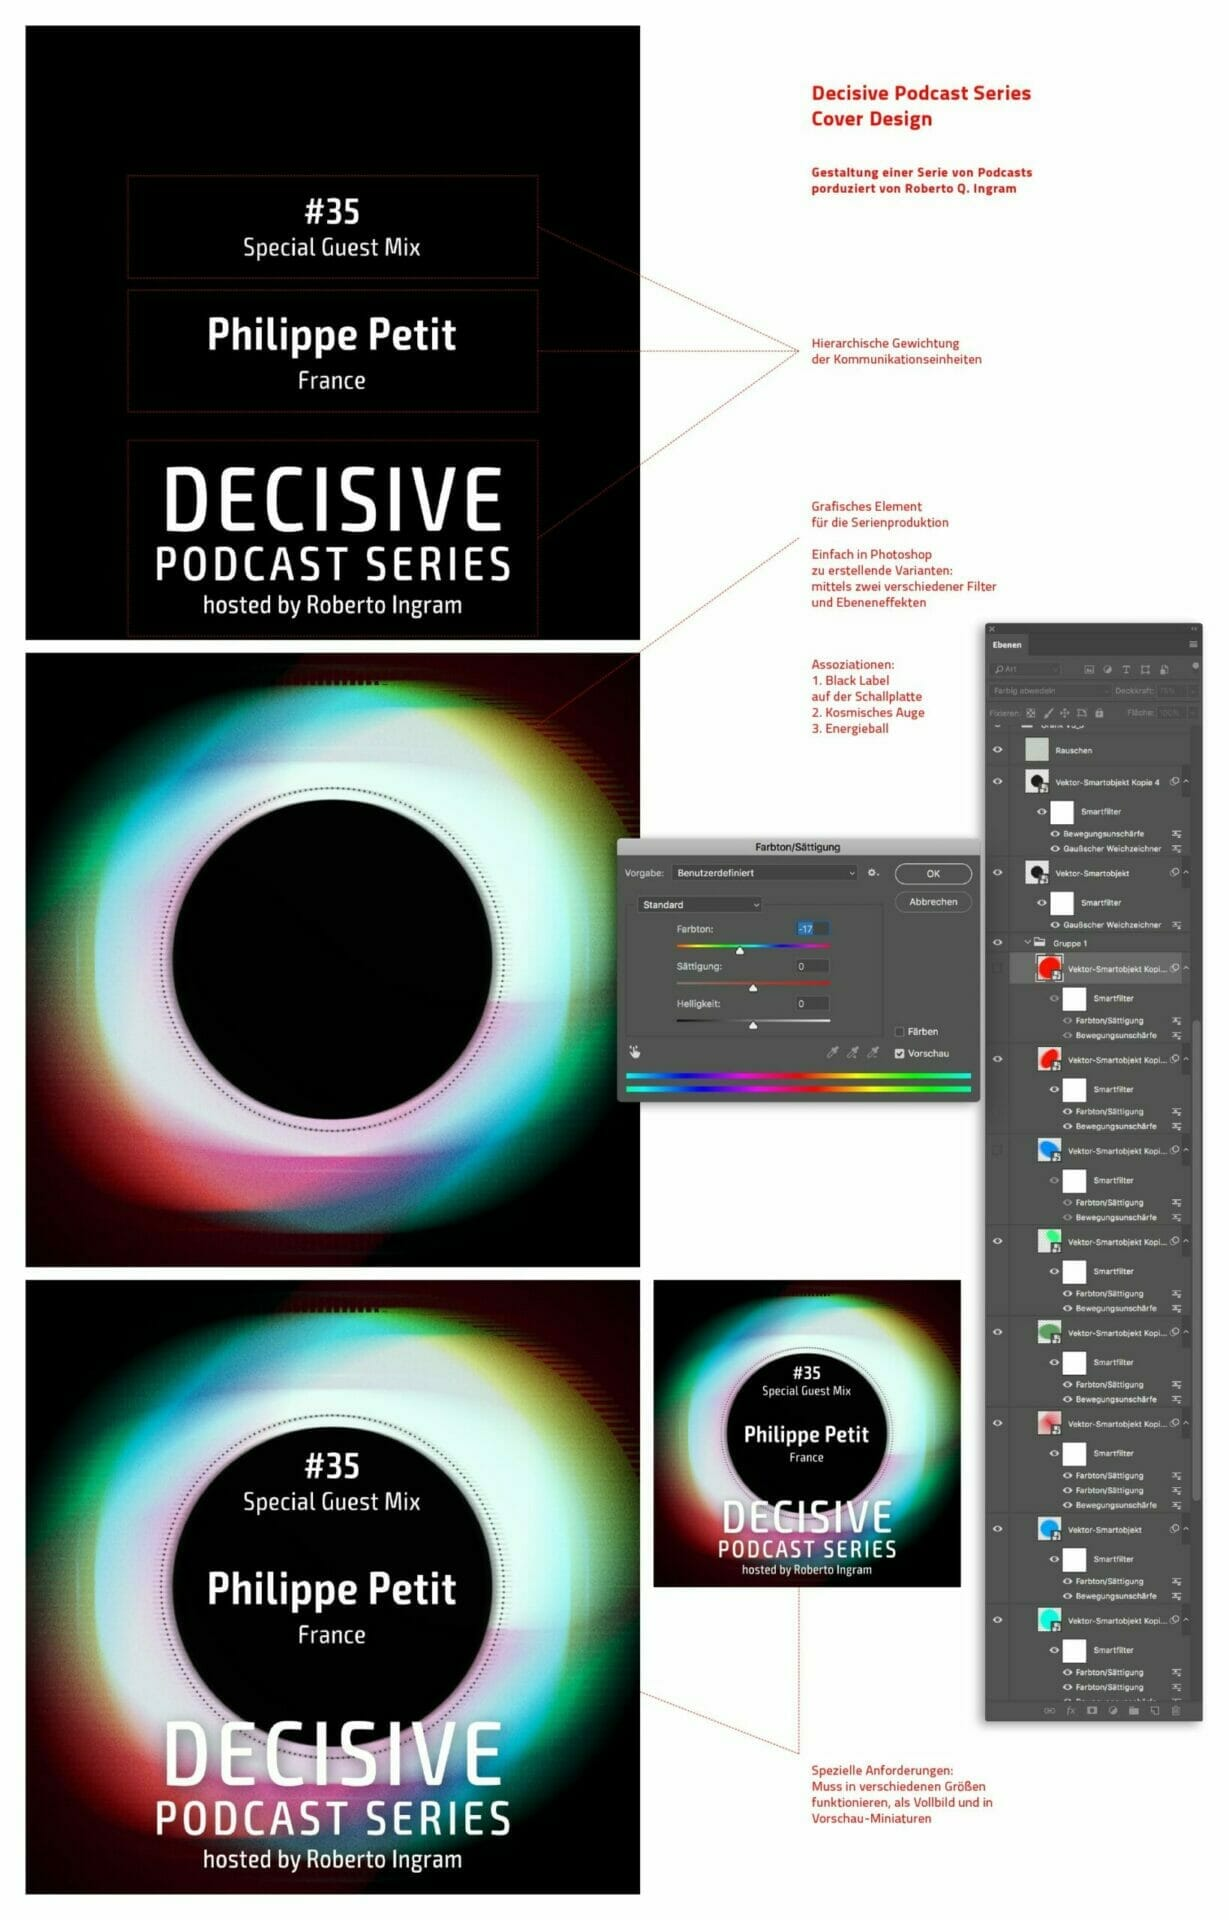 Grafisches Konzept für Decisive Podcast Series